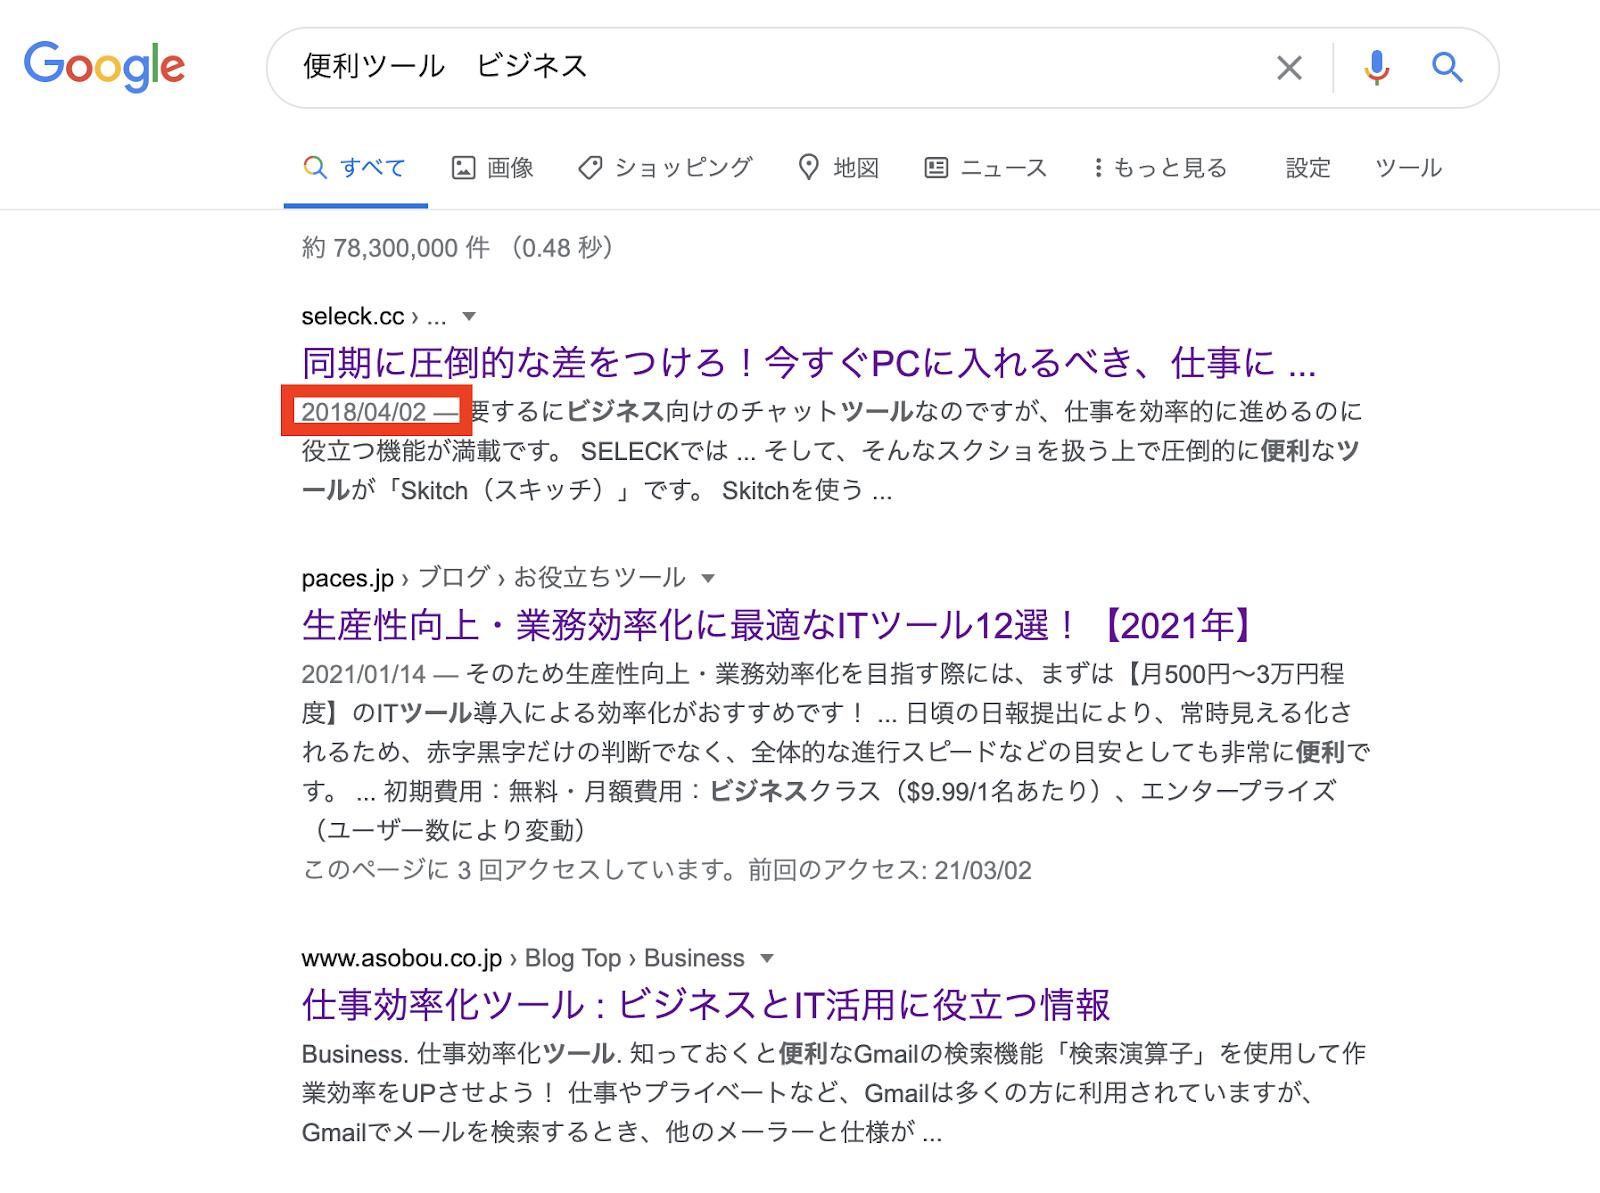 ブラウザ検索 Google